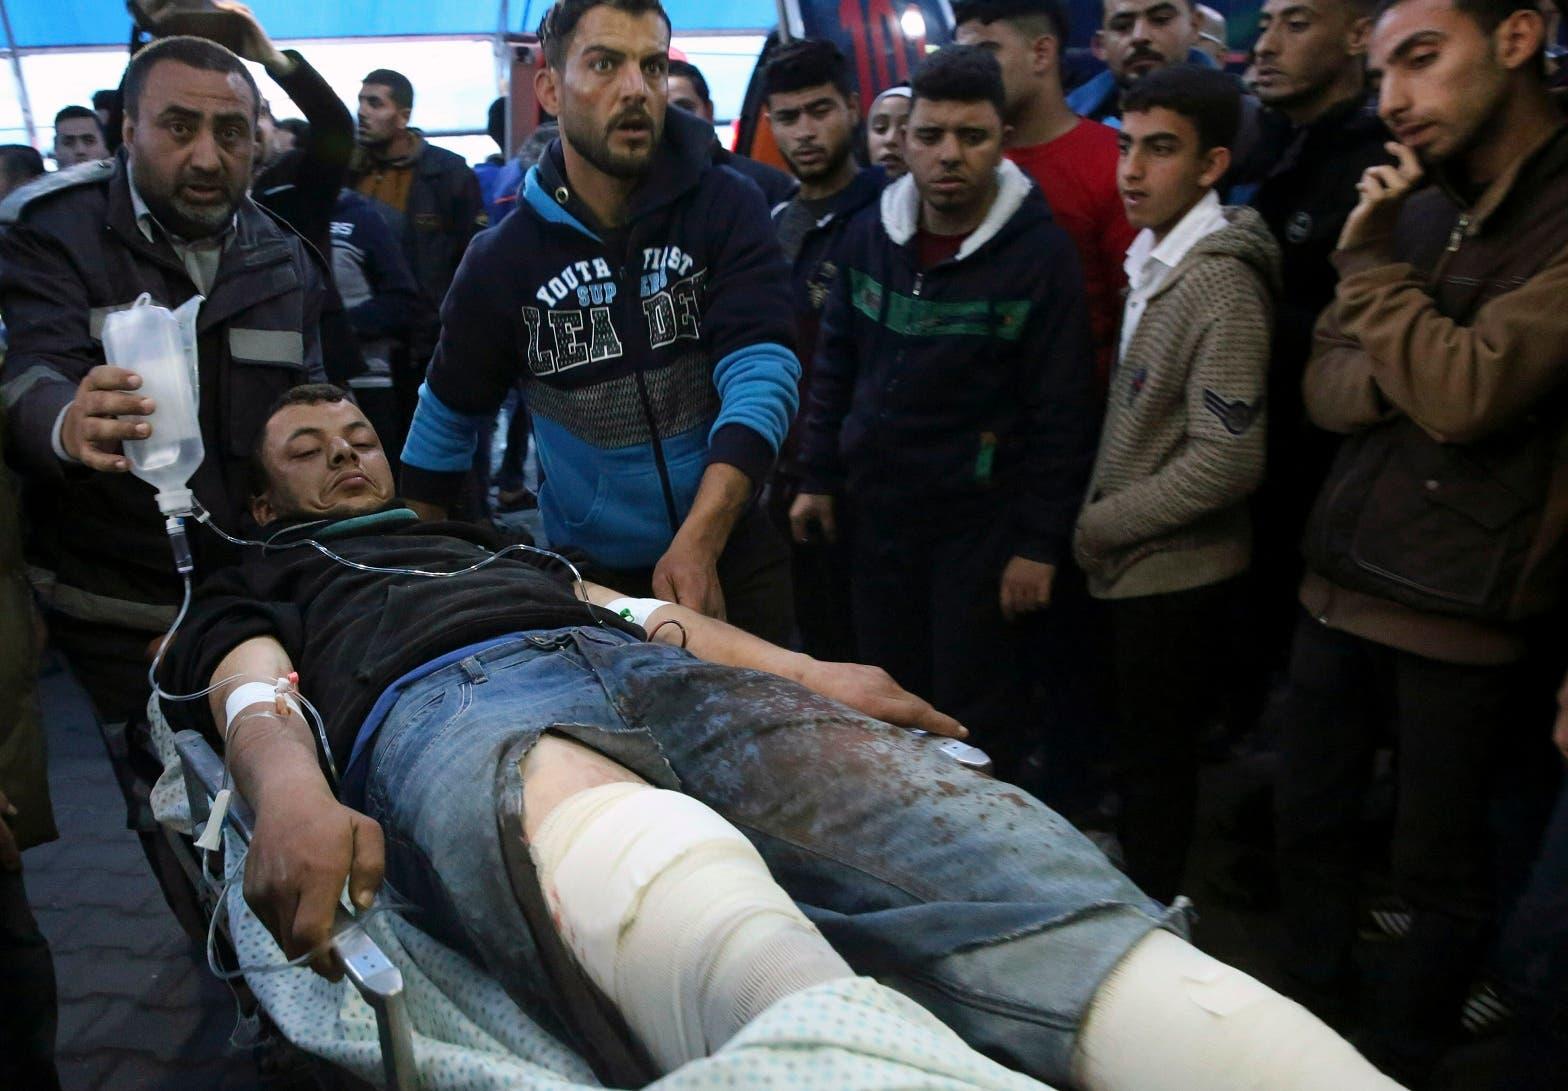 Por el momento se ha atendido a 70 personas en los hospitales y centros médicos.